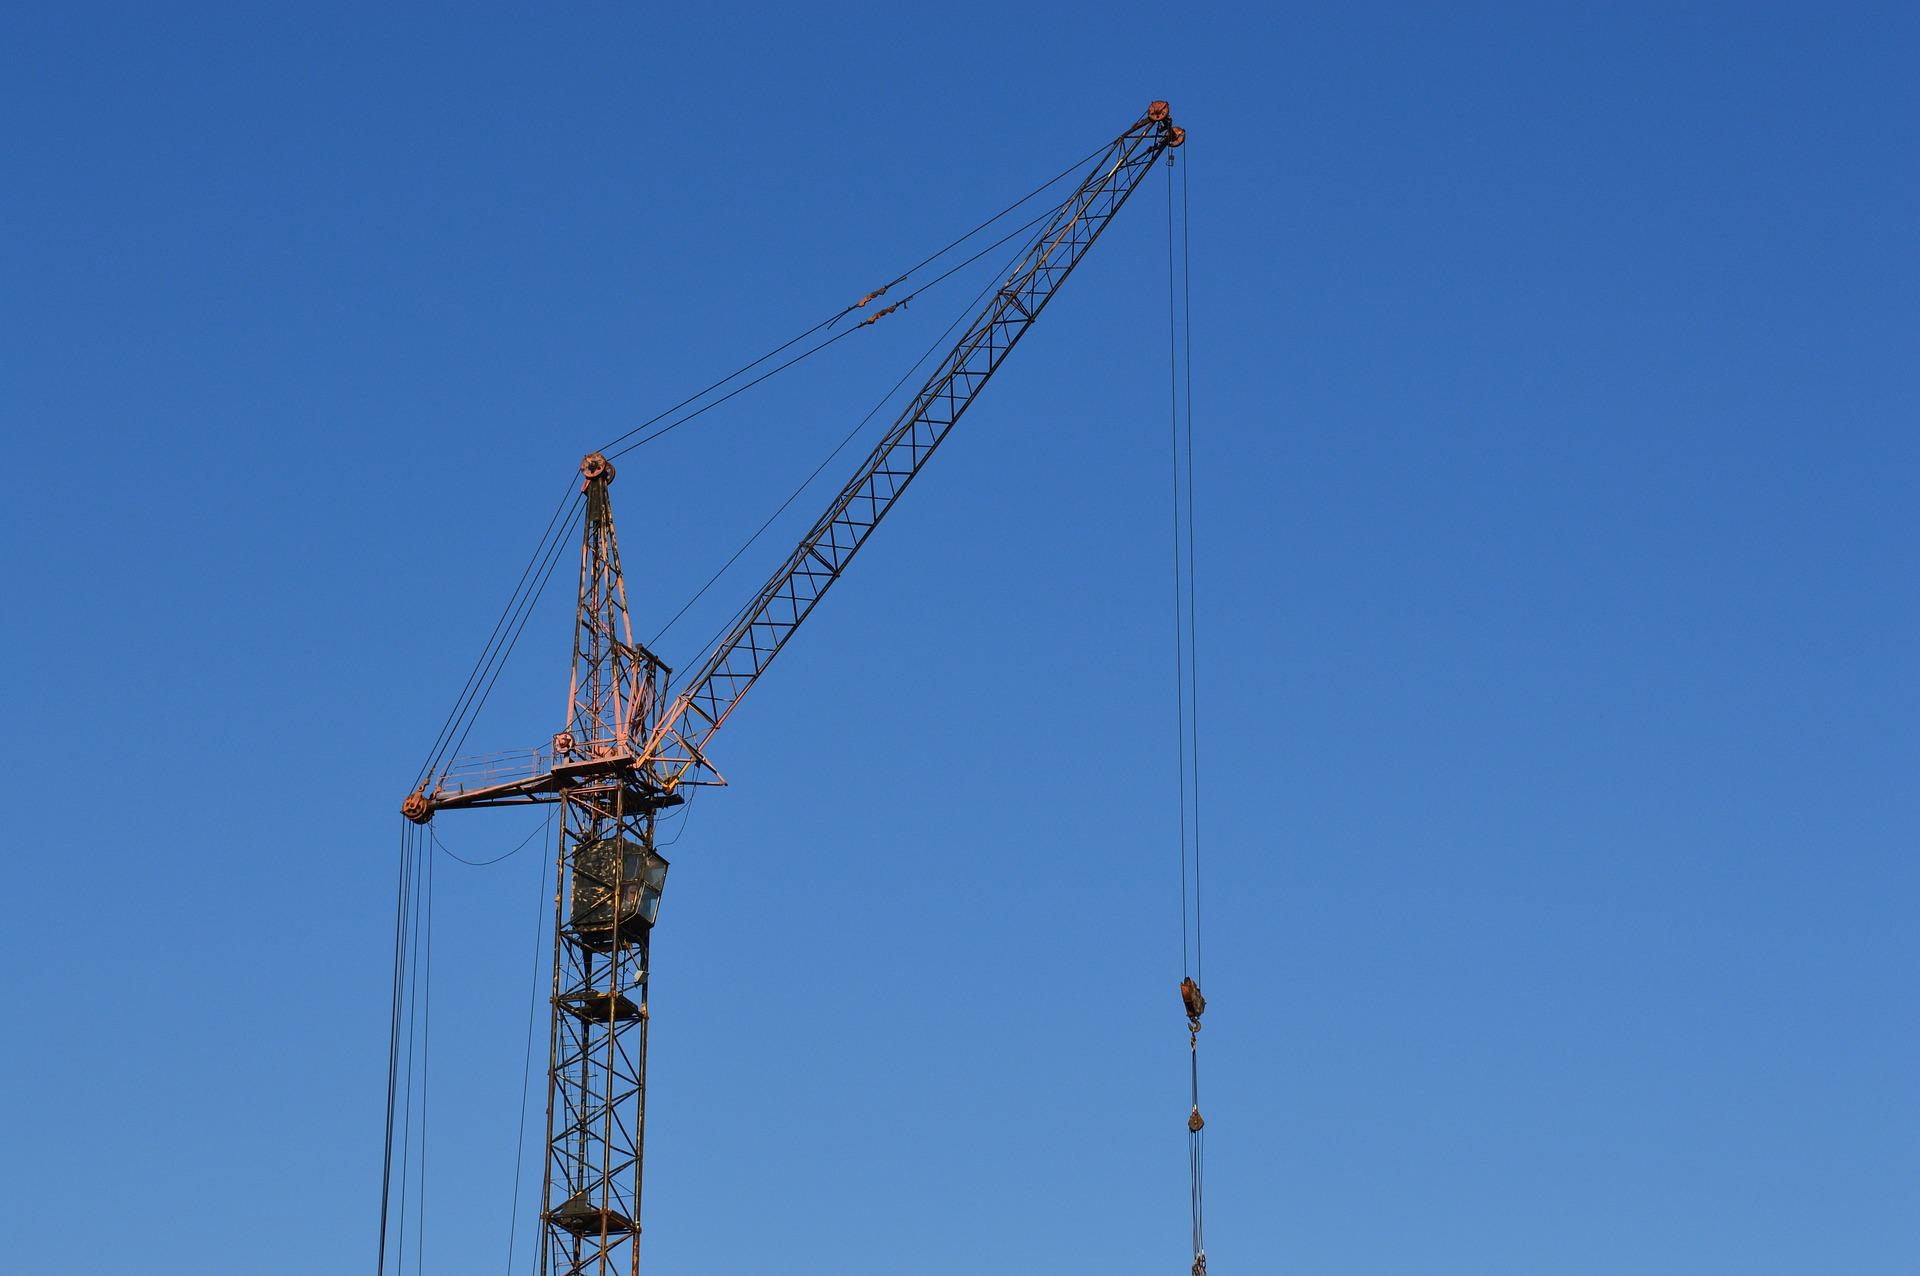 crane-905488_1920